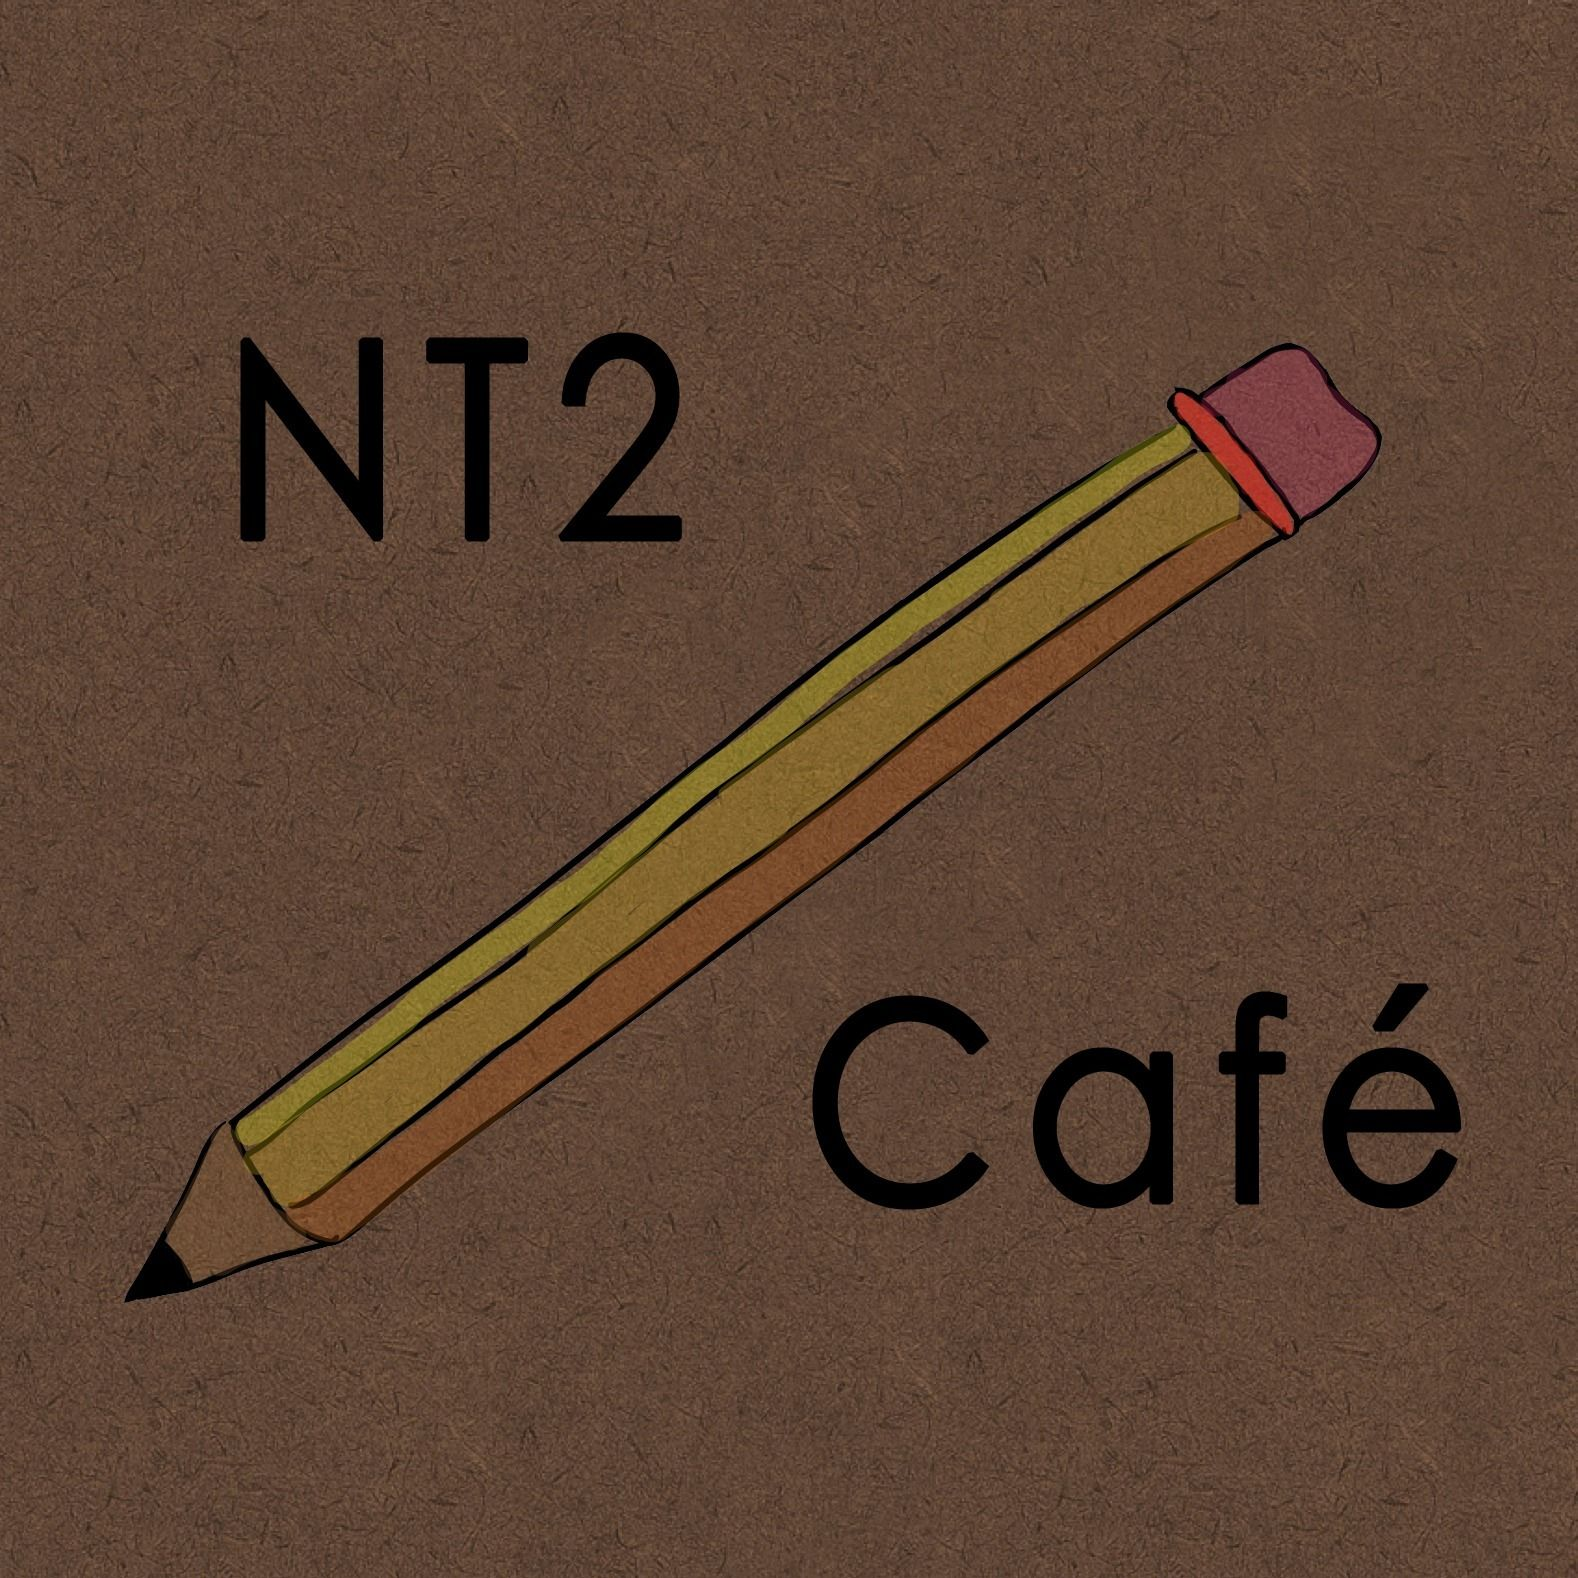 Nt2 C  - Learn Dutch songs at Nt2 Café (Amsterdam) | Meetup